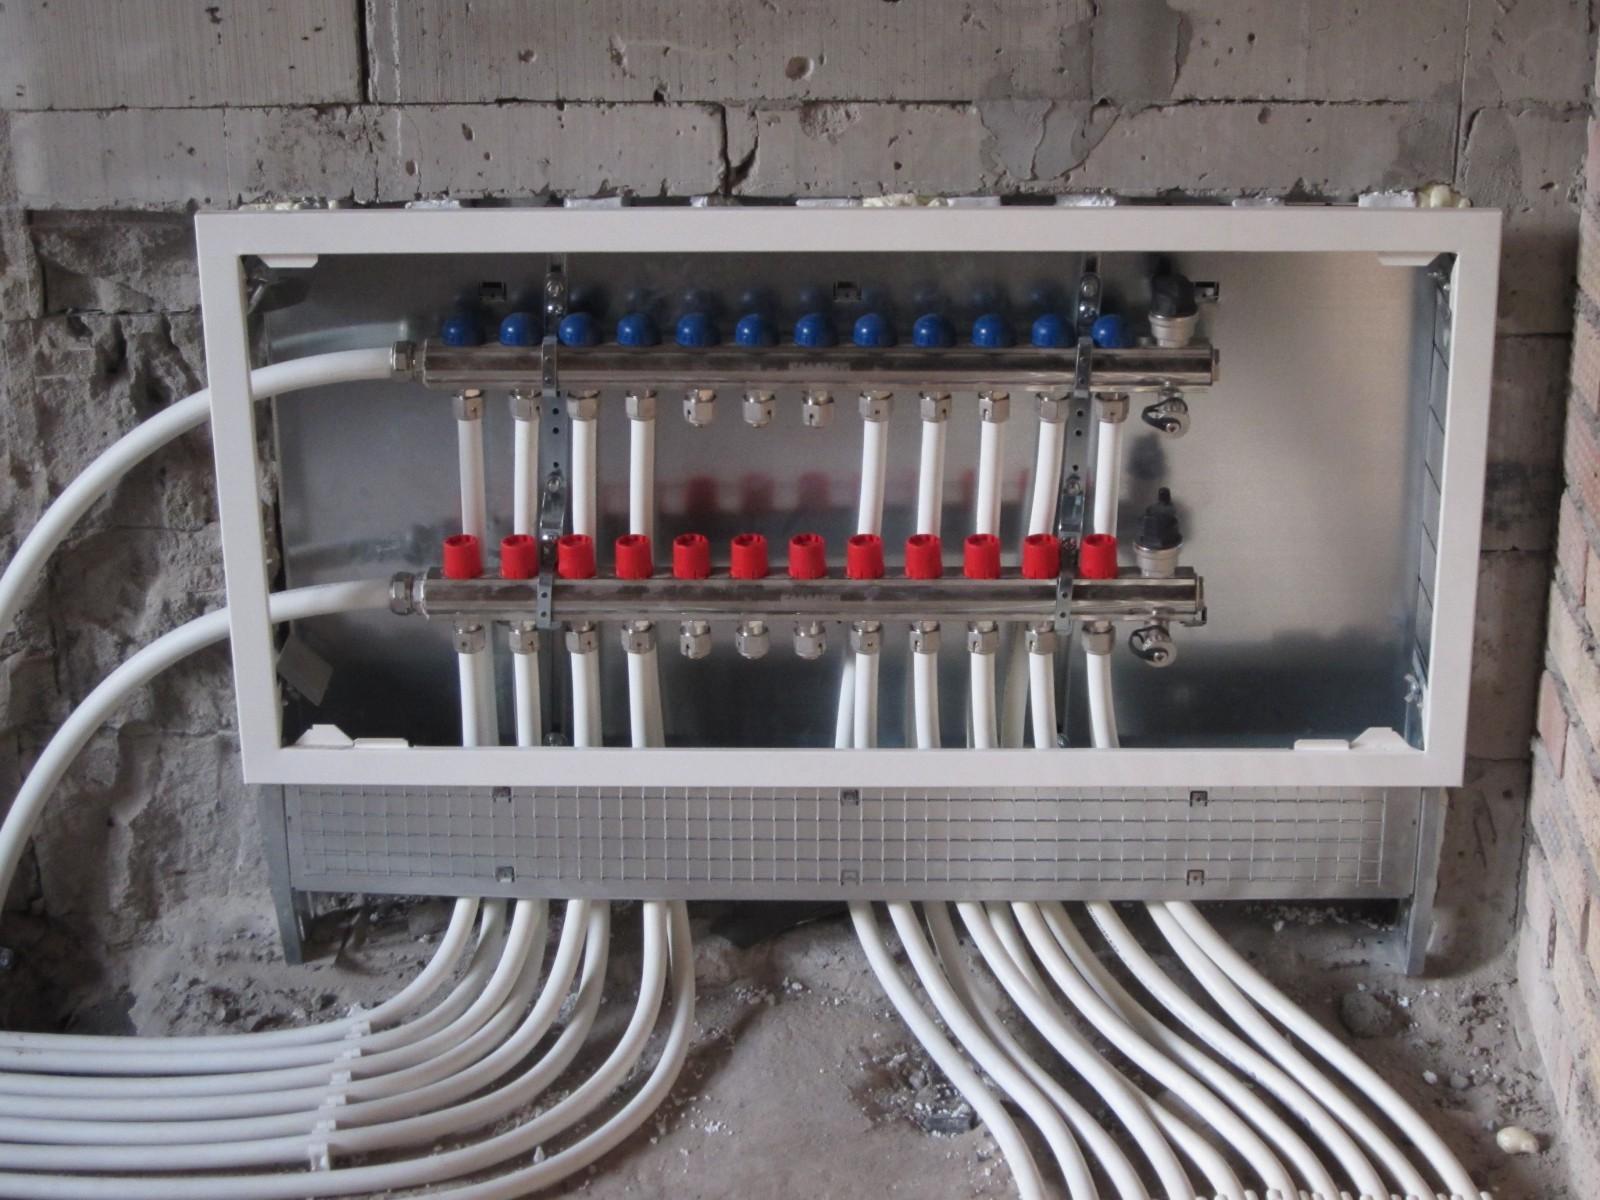 Схемы для монтажа отопления - 100 фото, схемы, чертежи, и видео мастер-класс проектирования системы отопления